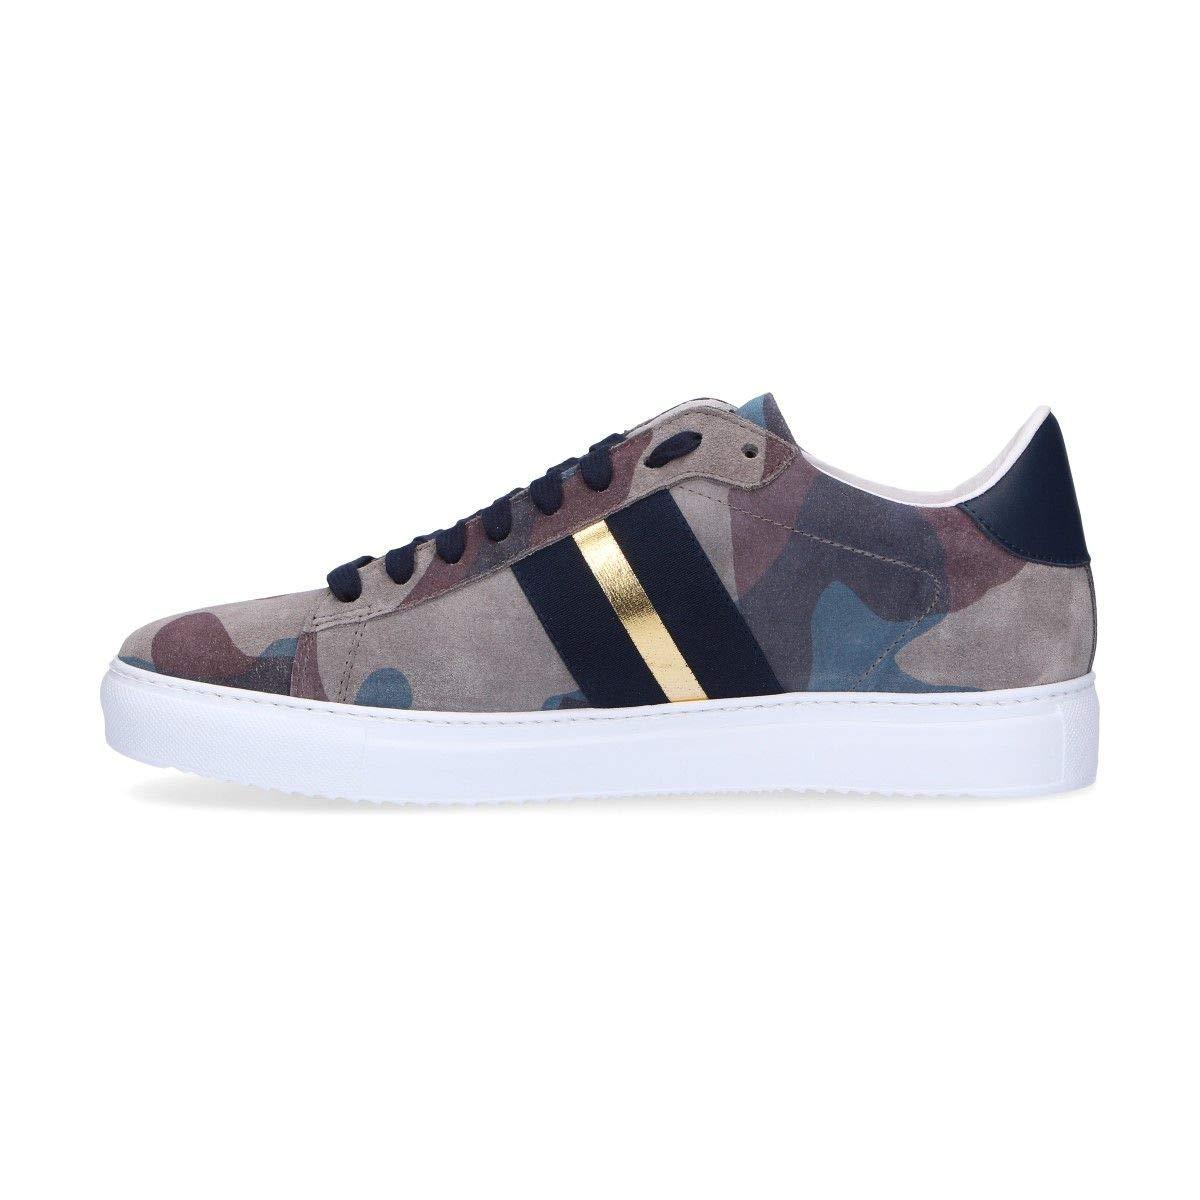 Stokton Luxury Fashion Mens Sneakers Summer